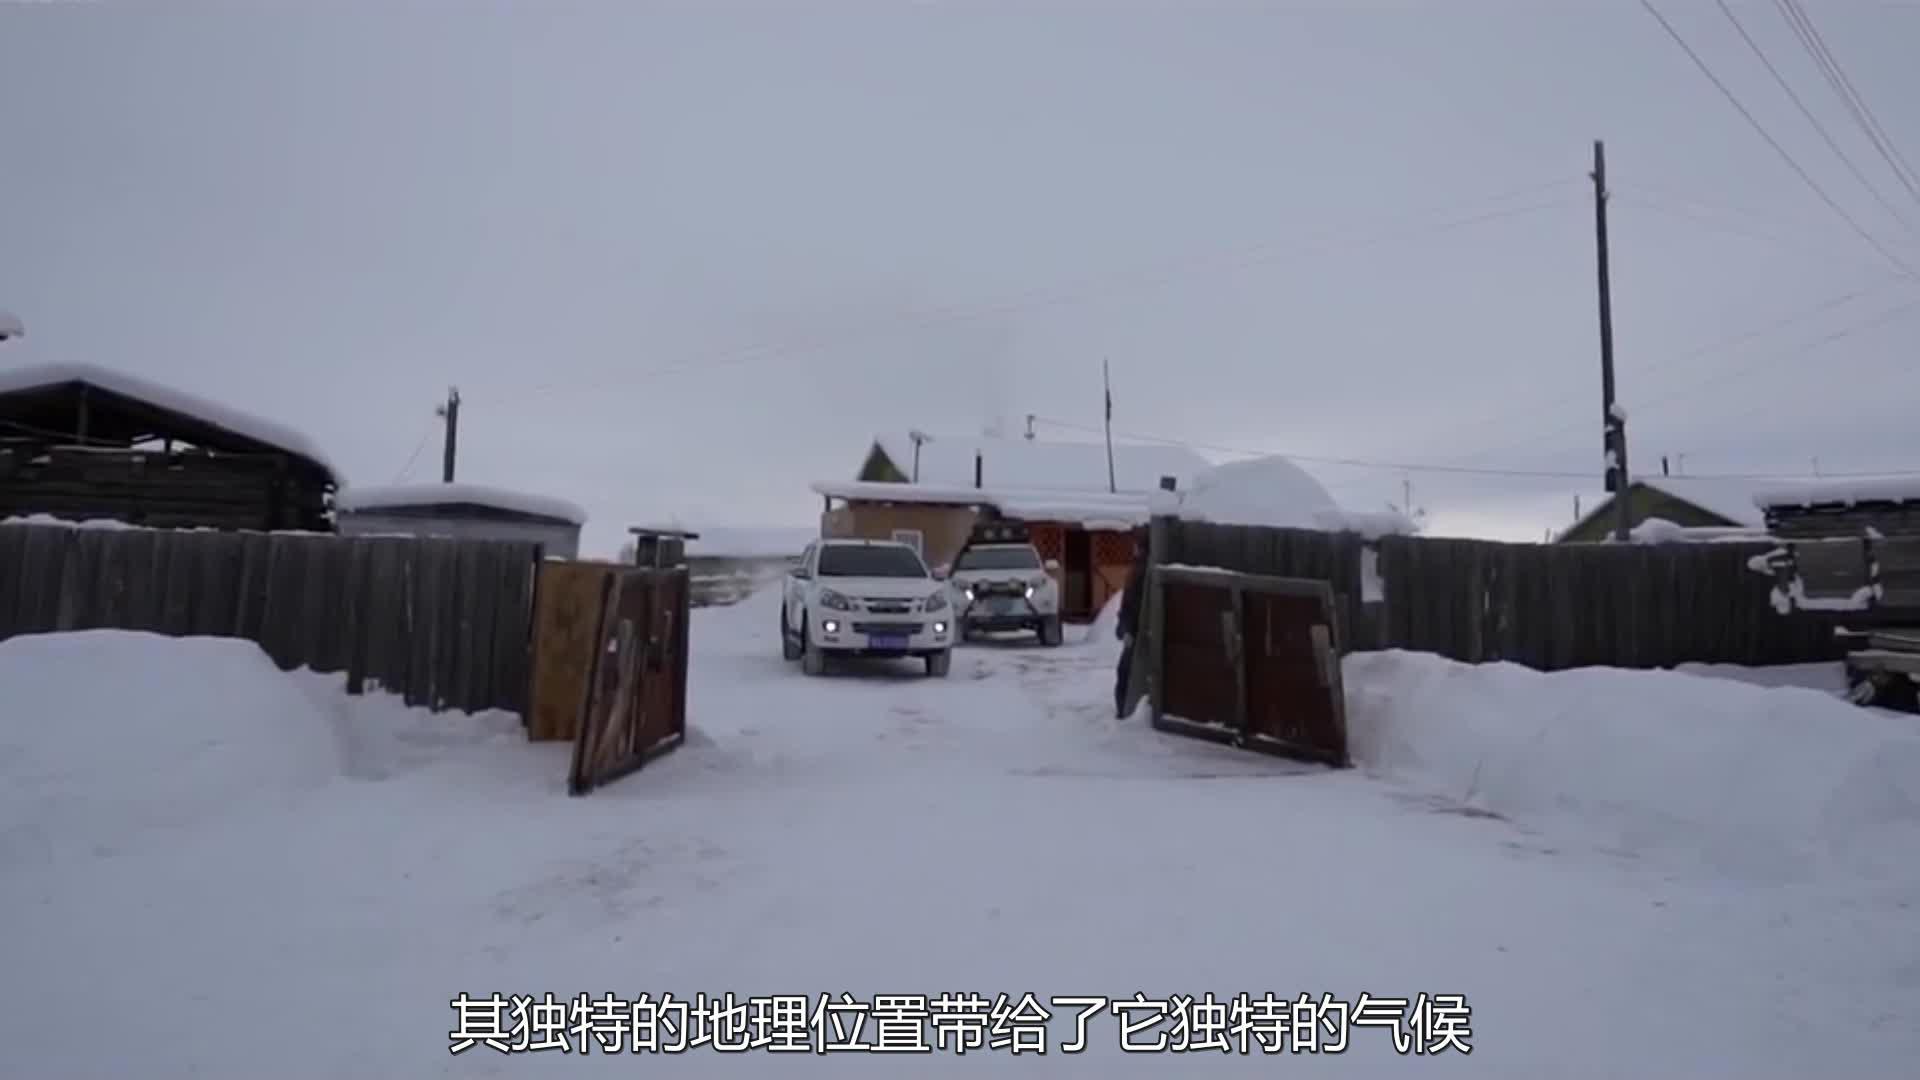 世界上最寒冷的村庄:最低温度达-71.2